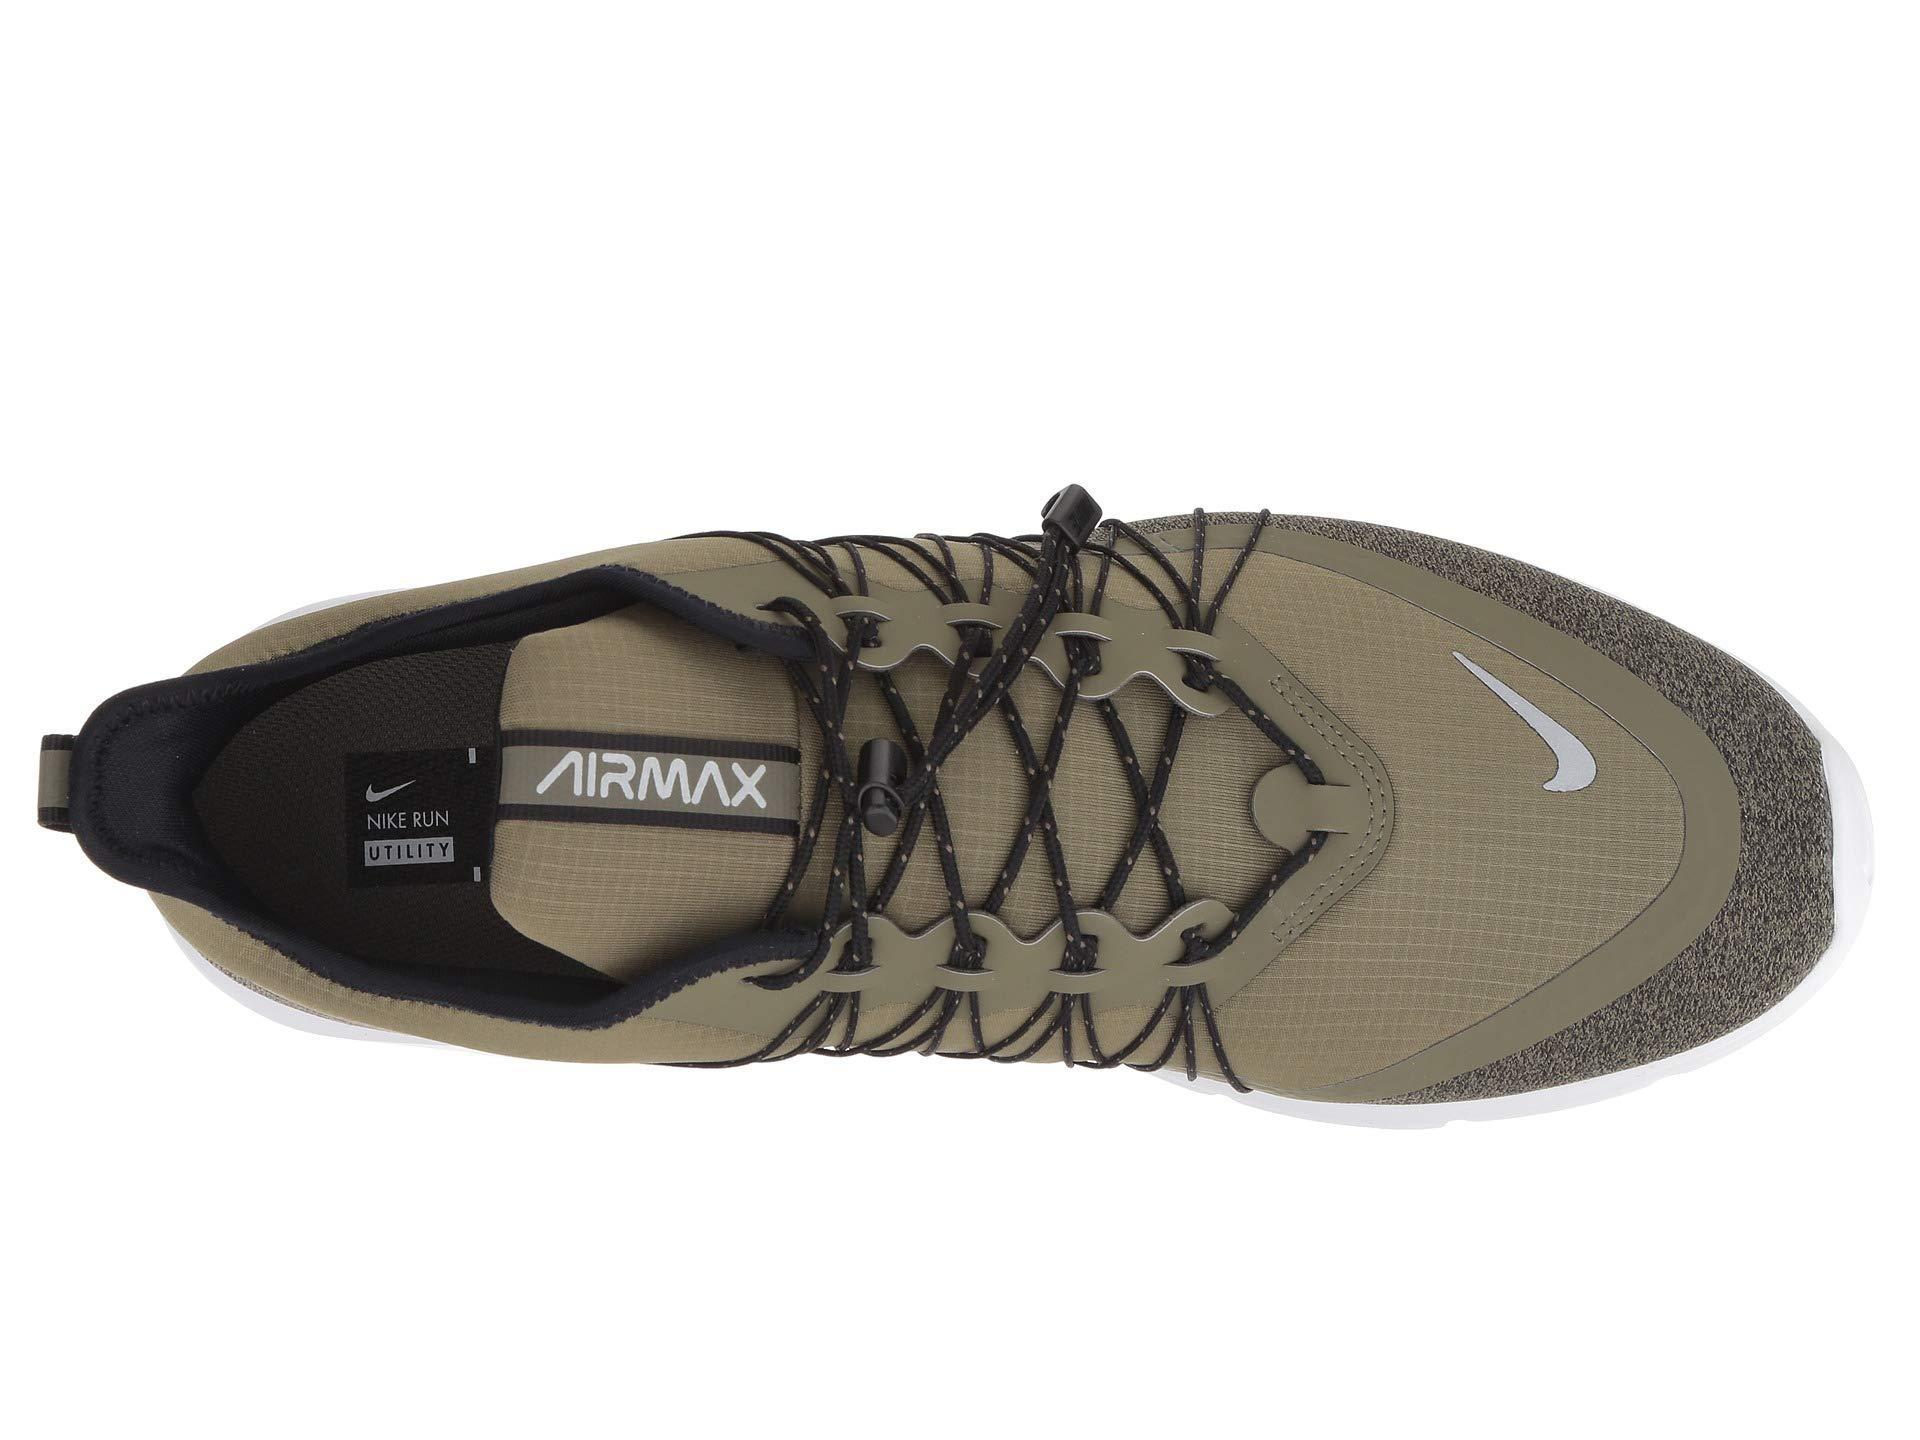 d0c647b005e13 Nike - Metallic Air Max Sequent 4 Shield for Men - Lyst. View fullscreen